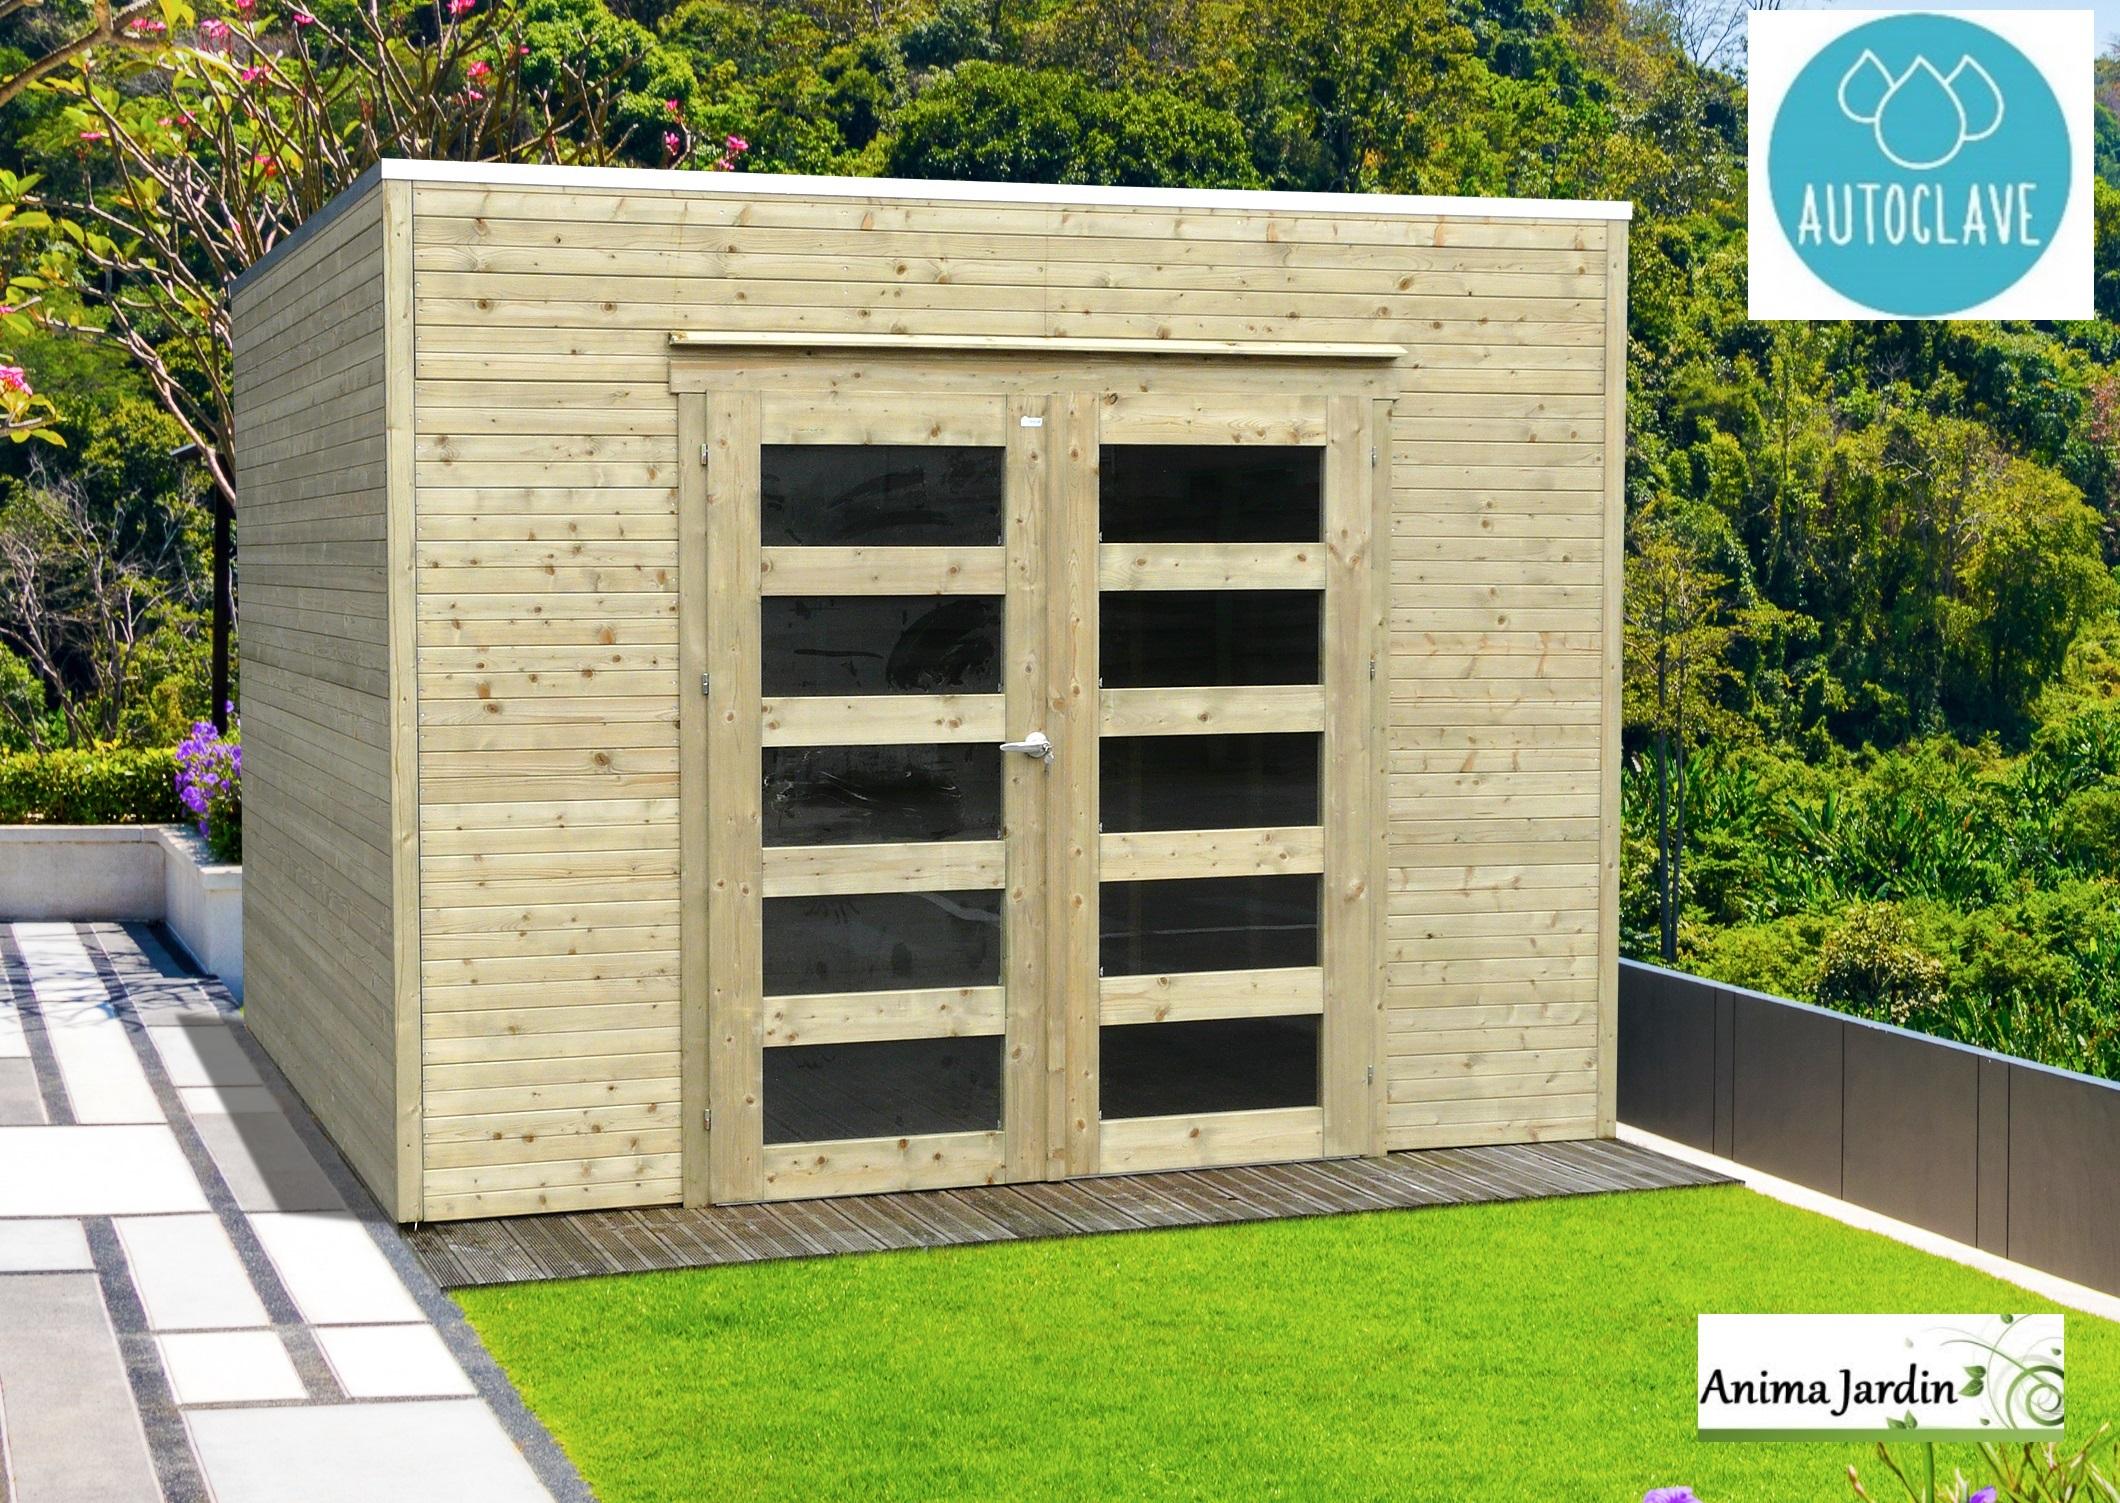 Abri De Jardin En Bois Autoclave 19Mm, Bari, 8M², Toit Plat ... concernant Abri De Jardin Moins De 5M2